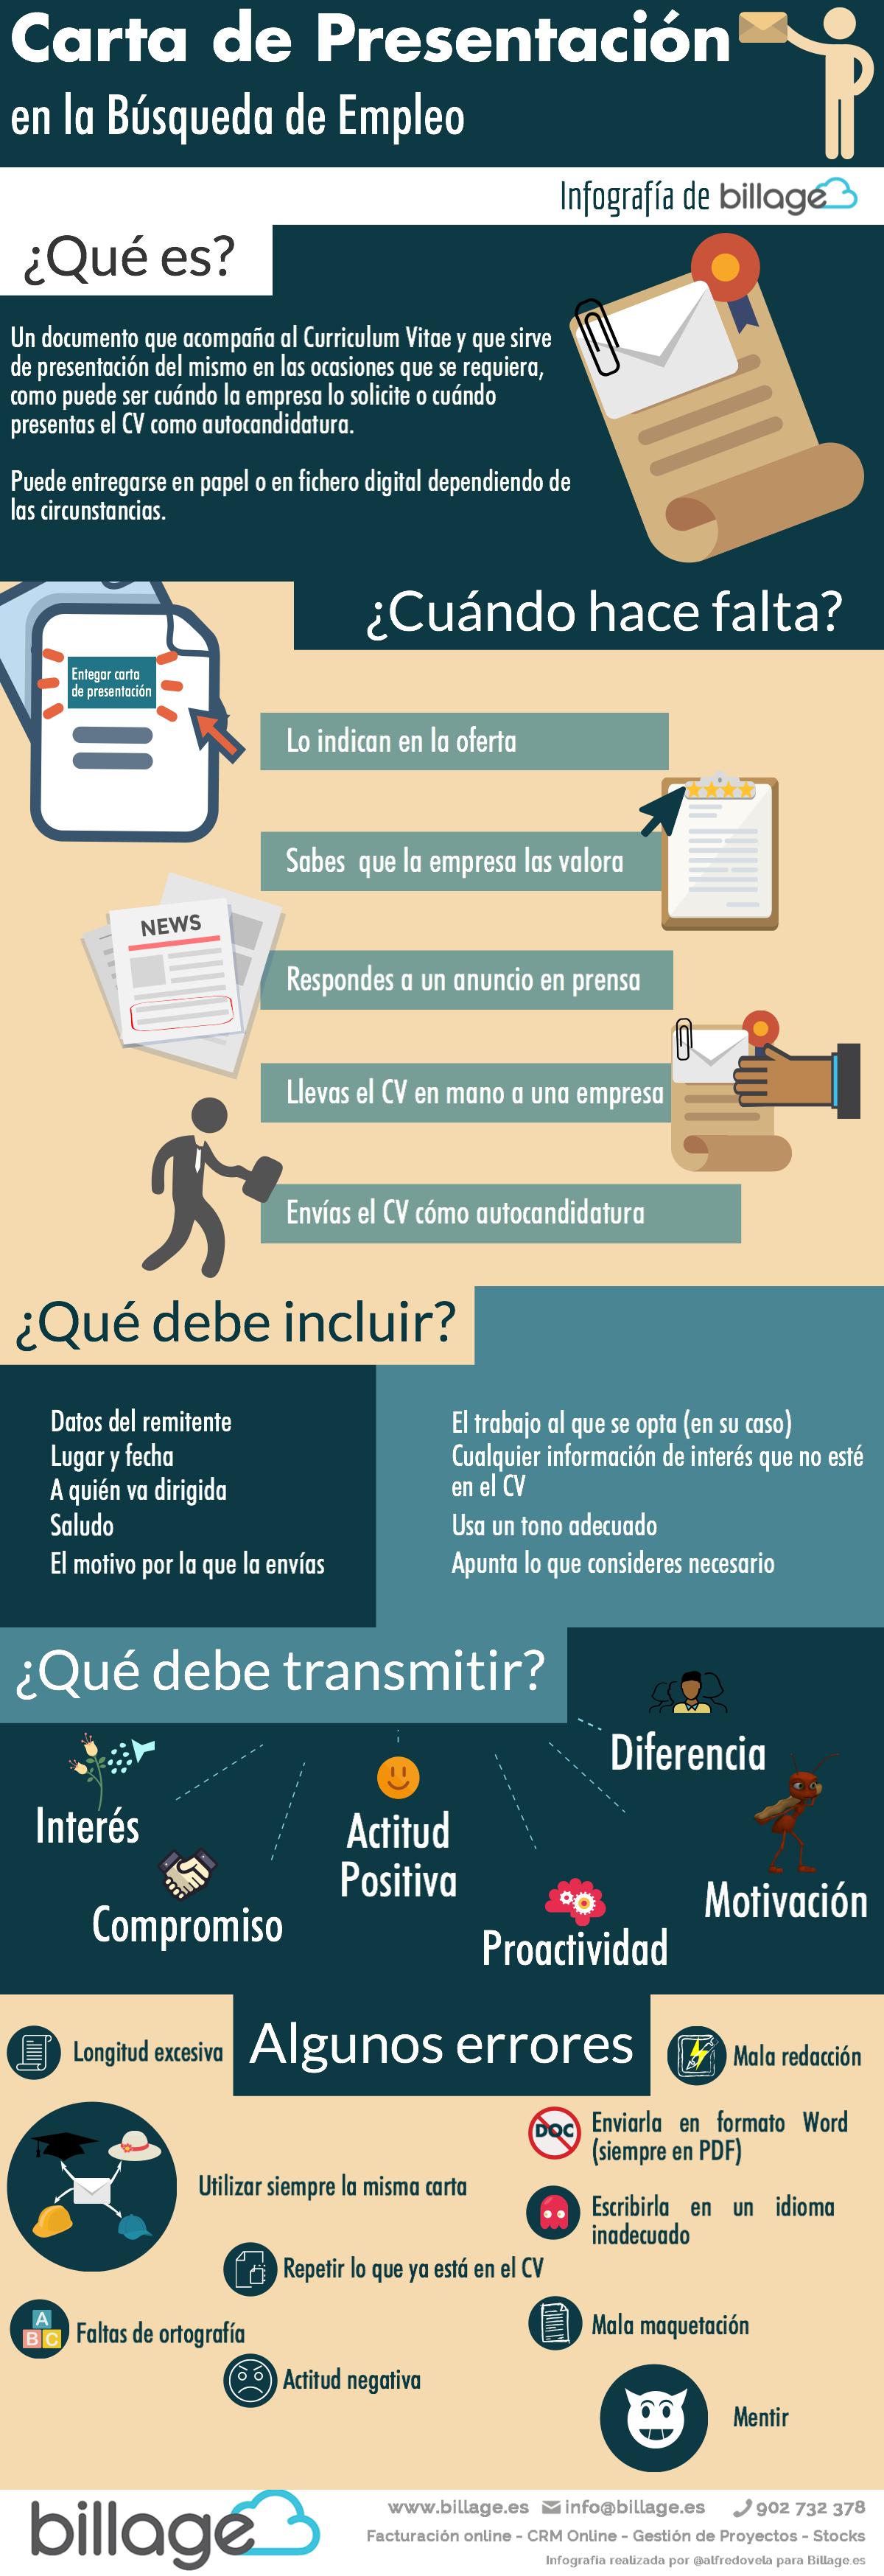 La Carta de Presentación en la Búsqueda de Empleo